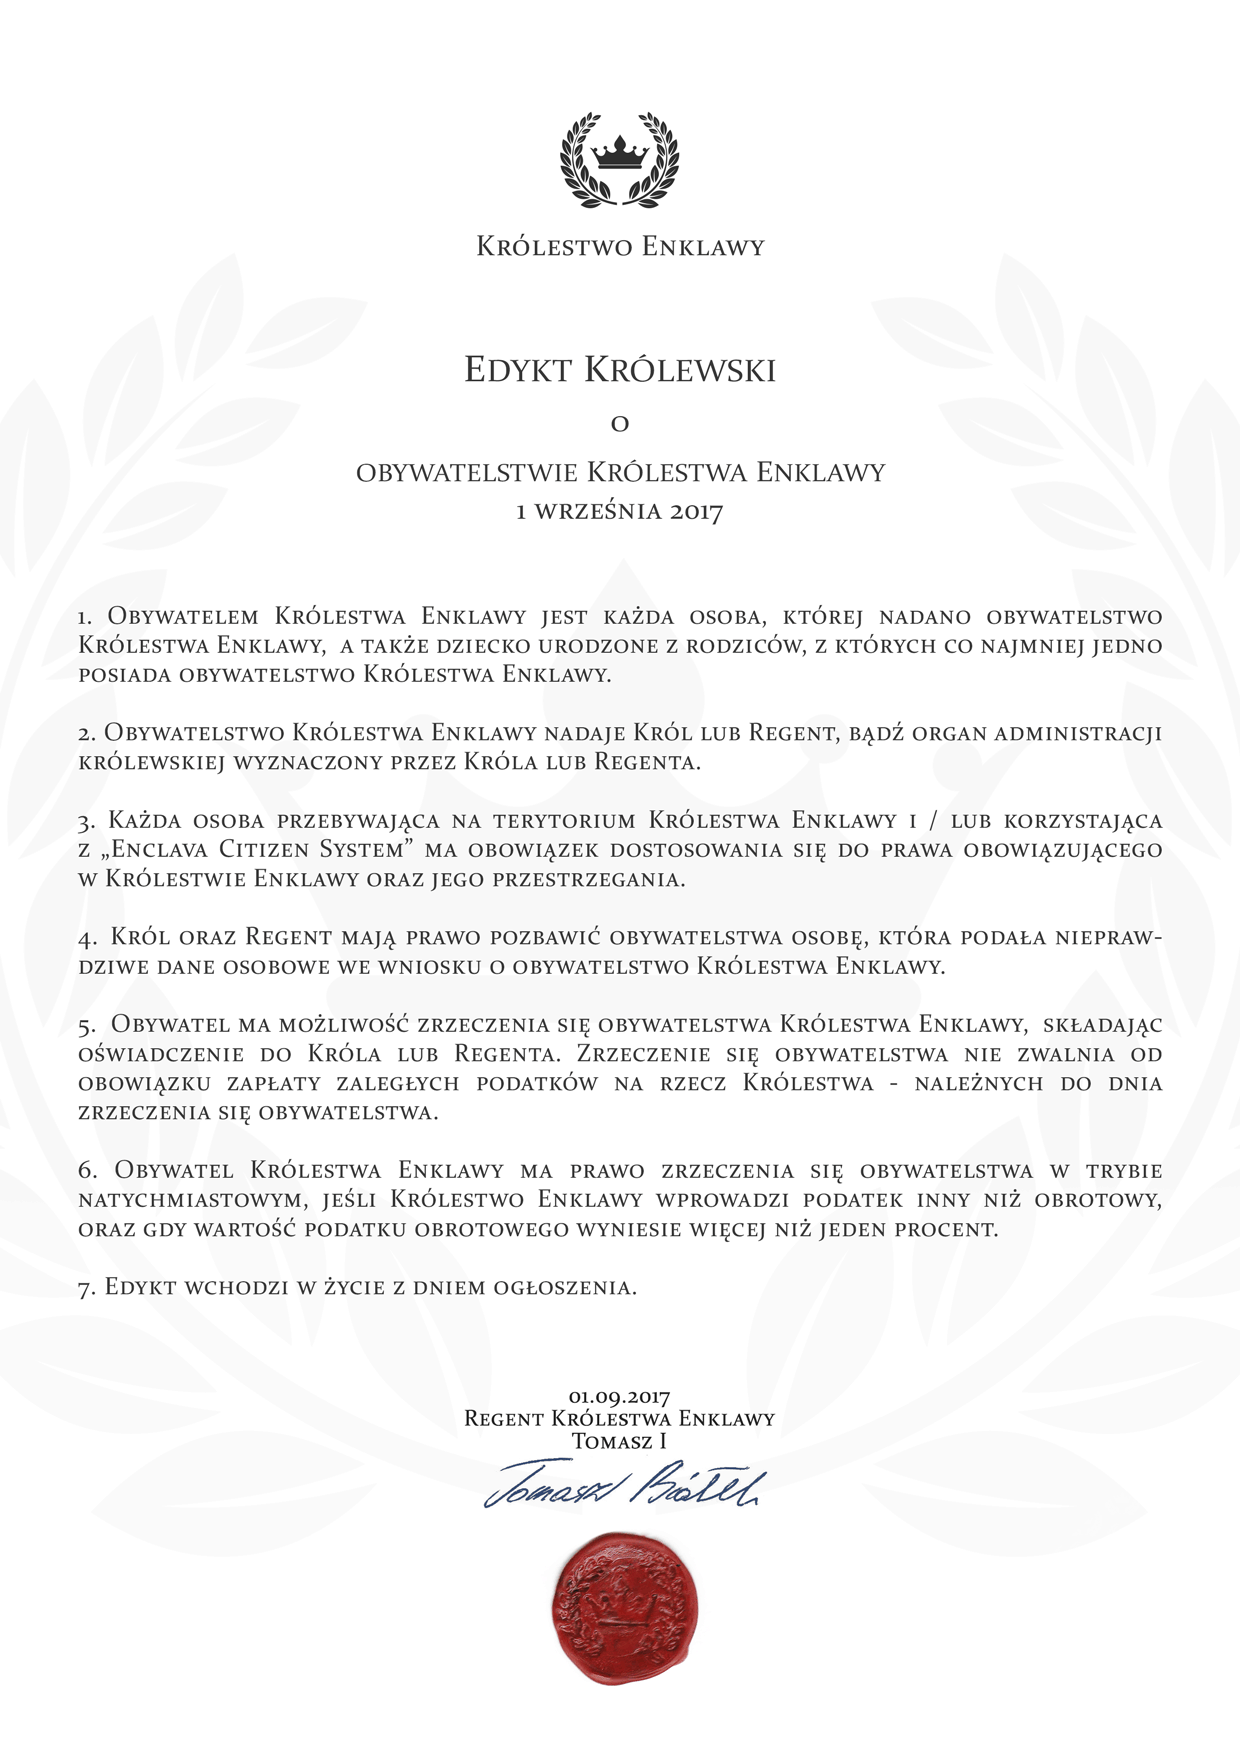 Edykt o obywatelstwie Królestwa Enklawy